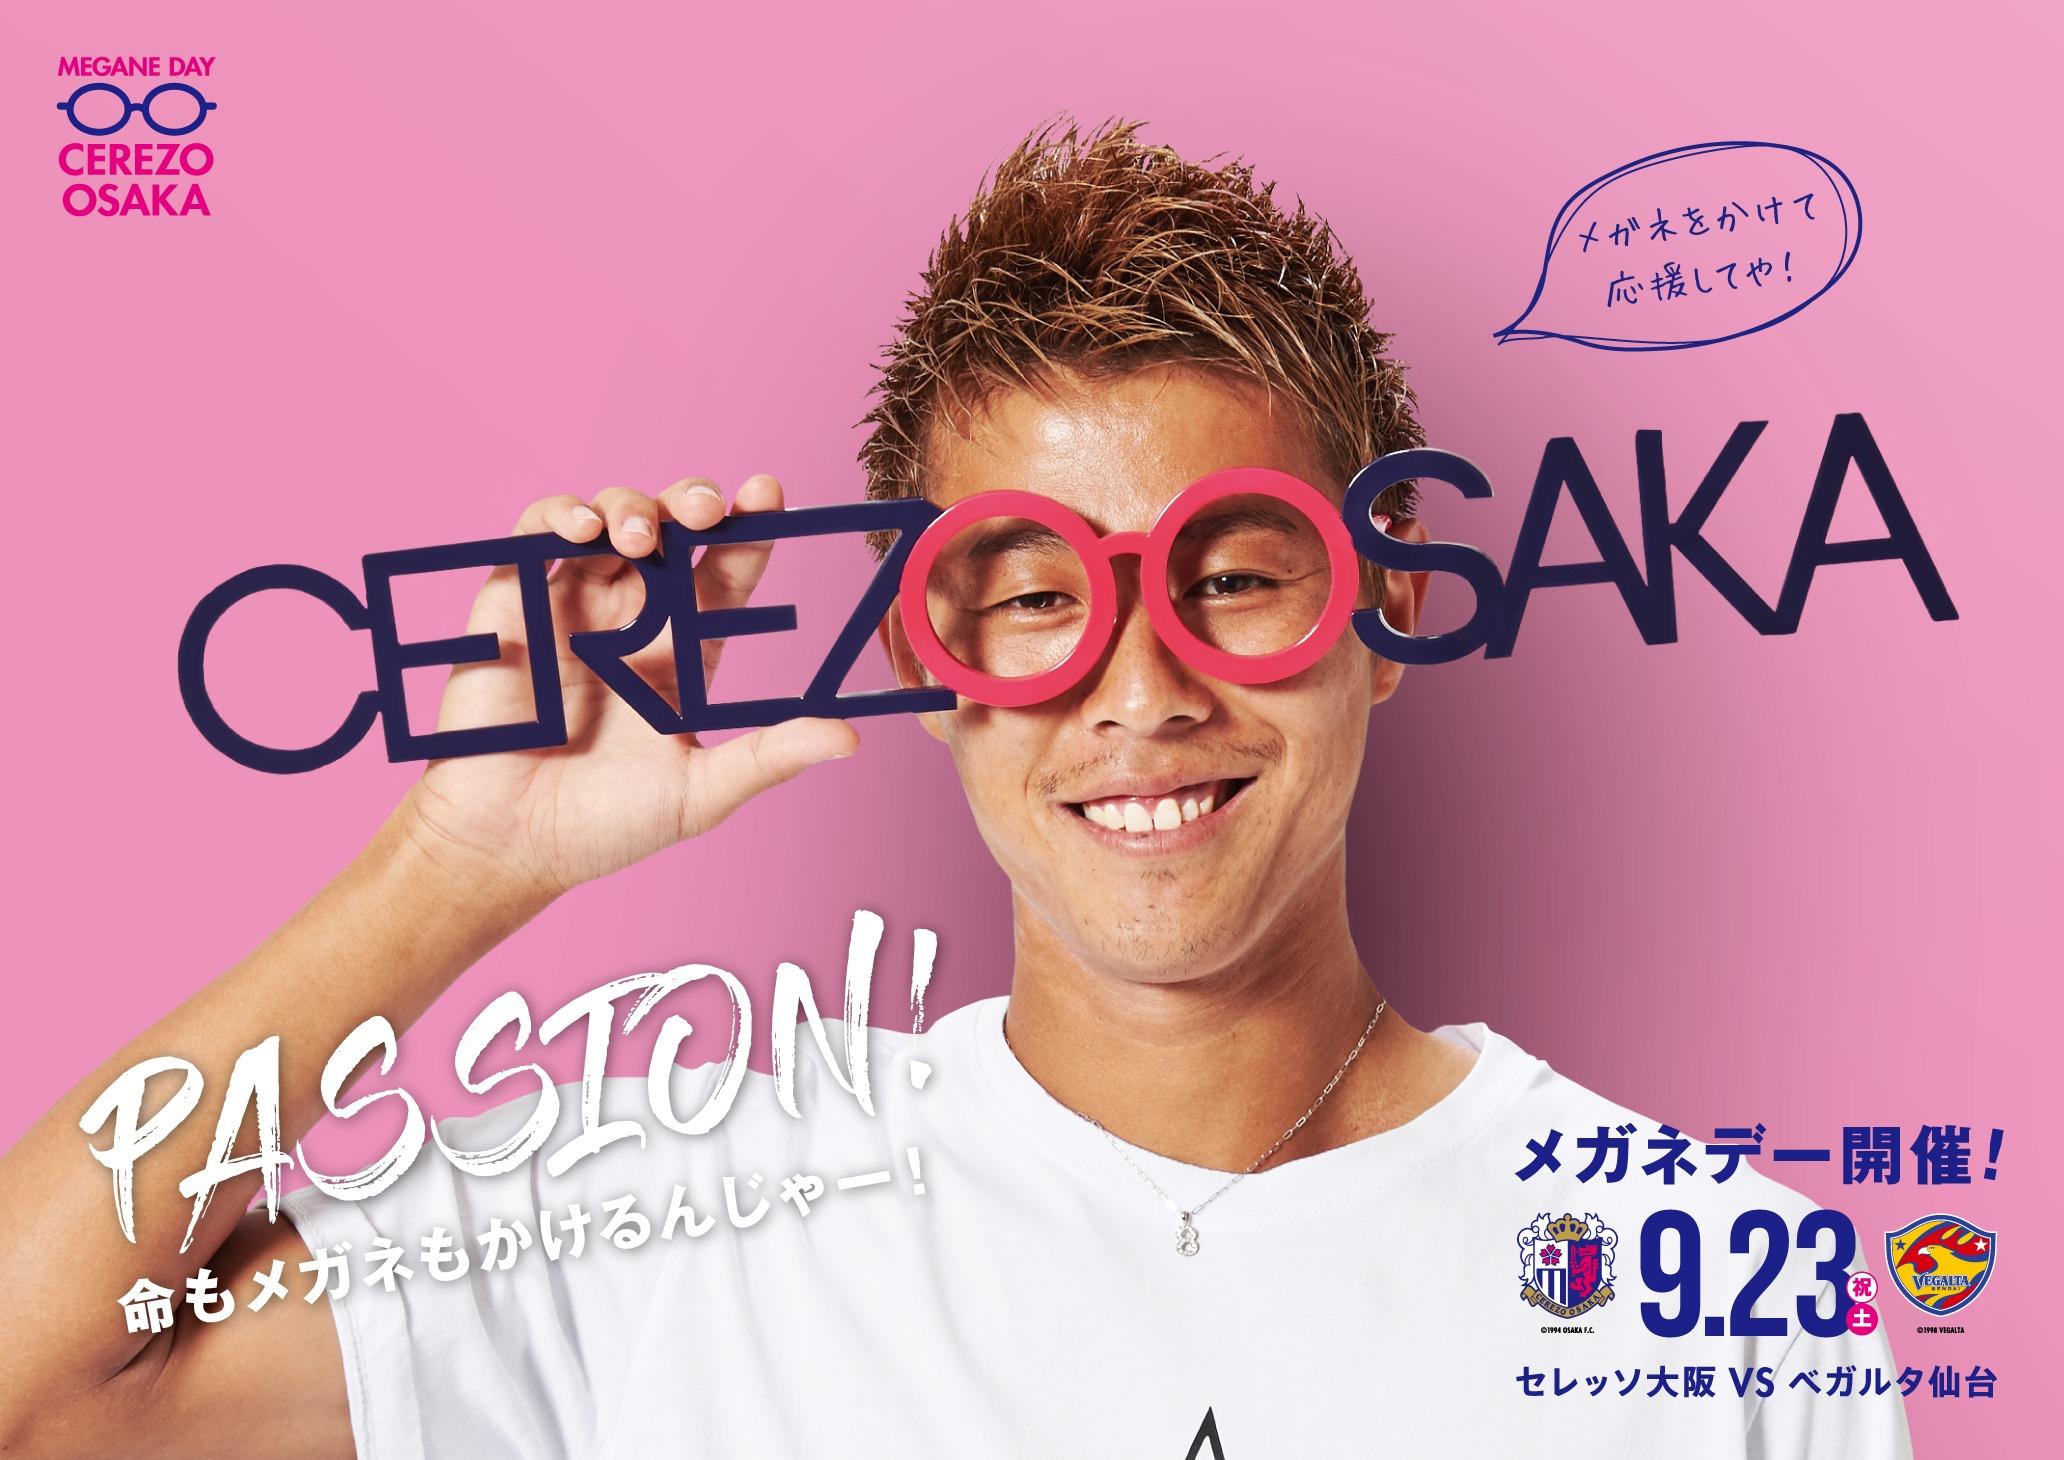 メガネを着用してC大阪を応援しよう!